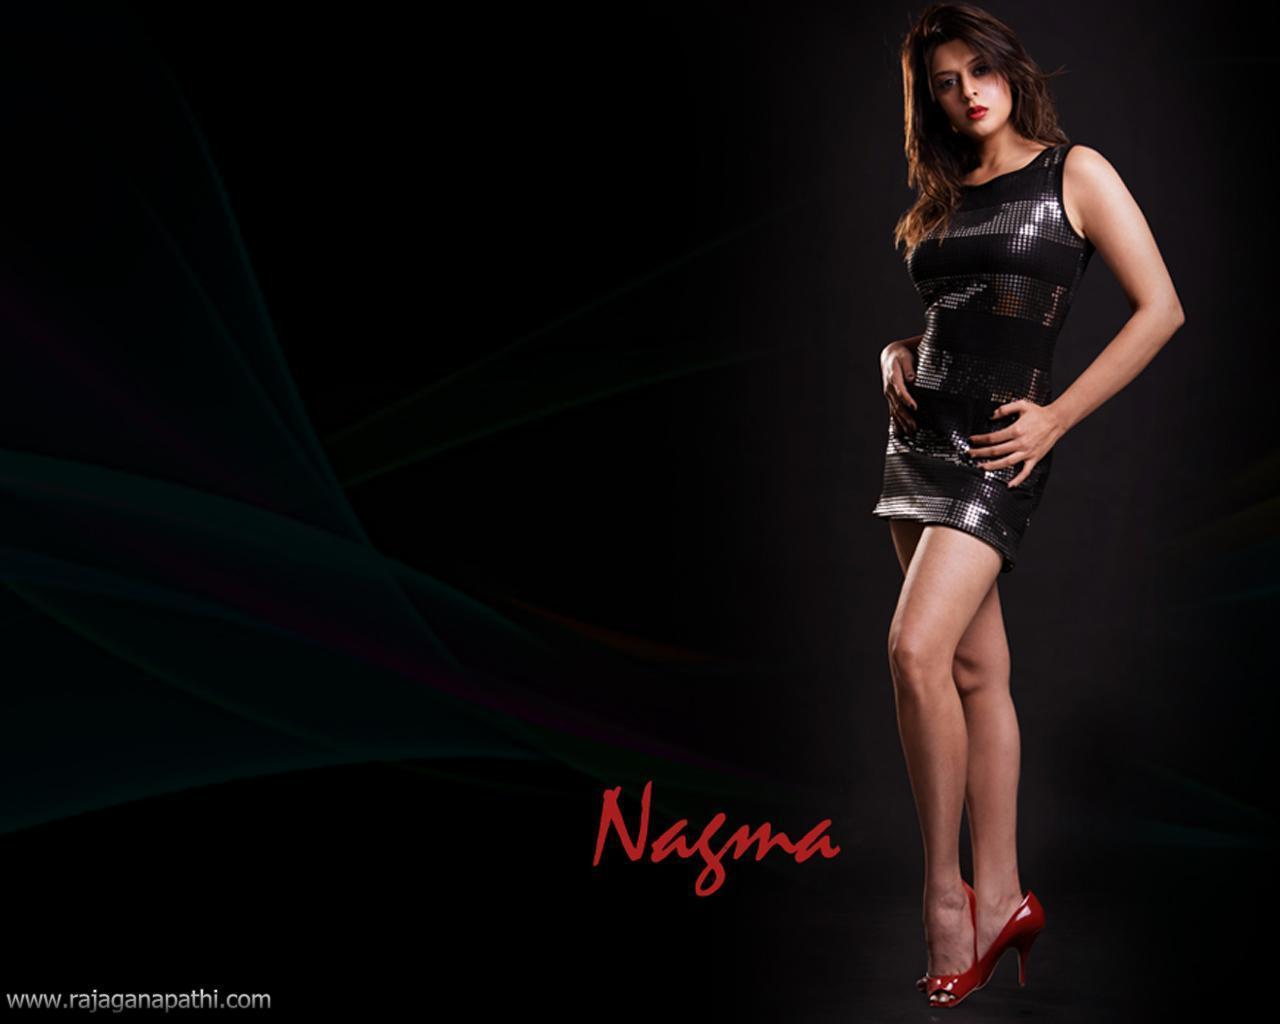 INDIAN HOT ACTRESS NAGMA HIGH QUALITY DESKTOP WALLPAPERS ...